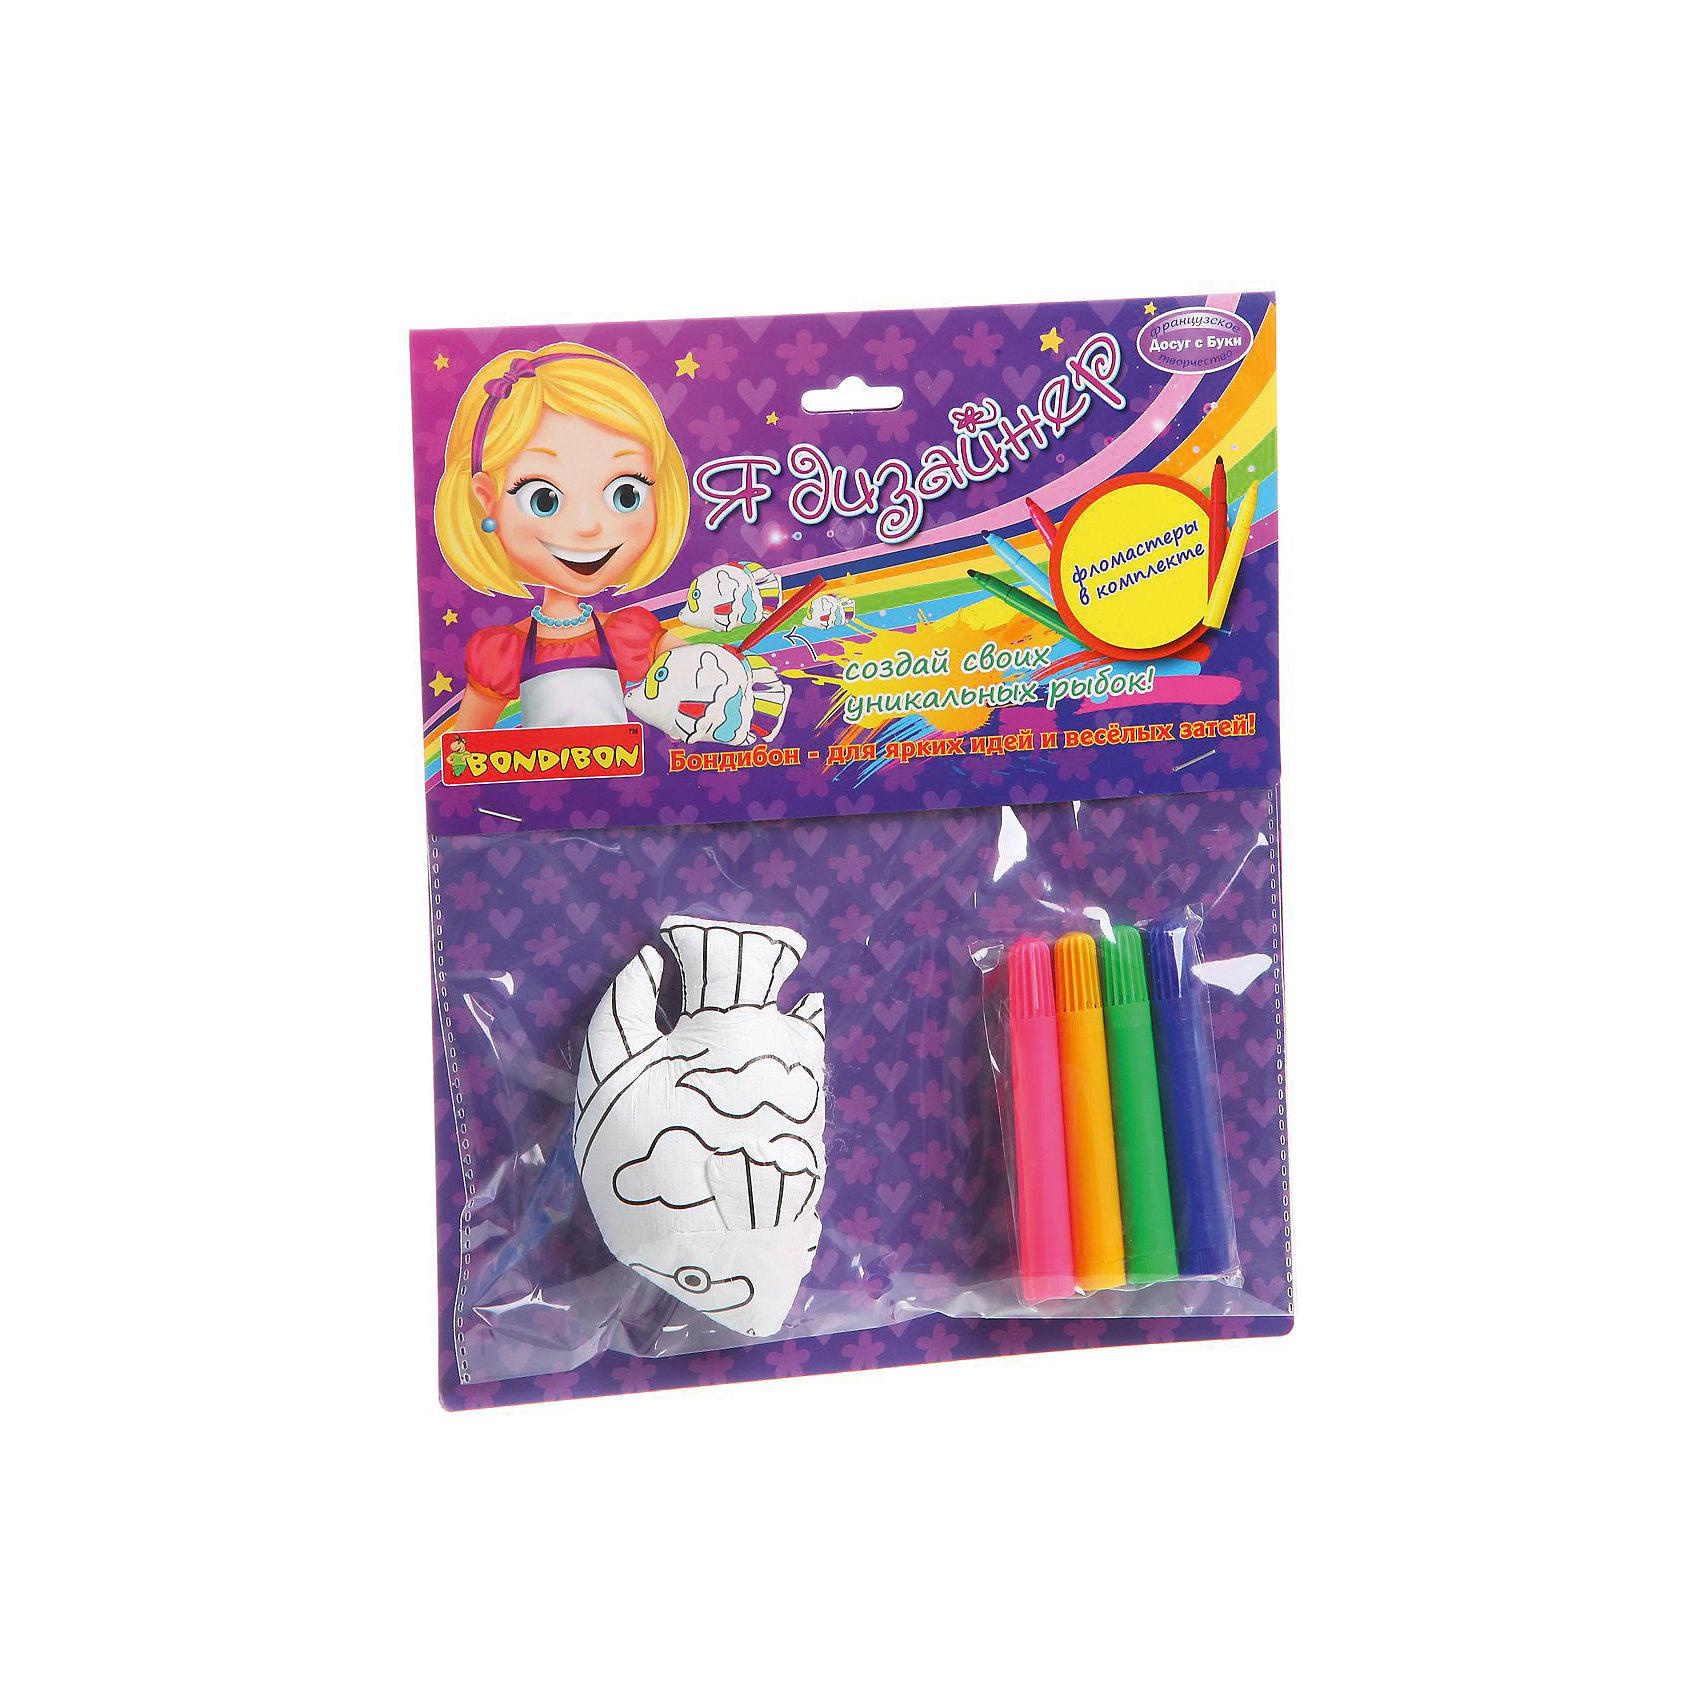 Набор для творчества Игрушка для раскрашивания рыбкиРисование<br>Набор для творчества Игрушка для раскрашивания рыбки – развиваем креативность!<br>Набор помогает в создании игрушки по индивидуальному дизайну от вашего ребенка. Раскрашивая специальными маркерами, ребенок сможет изменить дизайн, достаточно постирать изделие. Также можно раскрасить игрушку с помощью нарисованного контура.<br>Дополнительная информация:<br><br>- материал: текстиль, пластик<br>- в наборе: игрушка рыбки, 4 фломастера<br><br>Набор для творчества Игрушка для раскрашивания рыбки  – можно купить в нашем интернет магазине.<br><br>Ширина мм: 15<br>Глубина мм: 5<br>Высота мм: 10<br>Вес г: 78<br>Возраст от месяцев: 60<br>Возраст до месяцев: 144<br>Пол: Унисекс<br>Возраст: Детский<br>SKU: 4993092